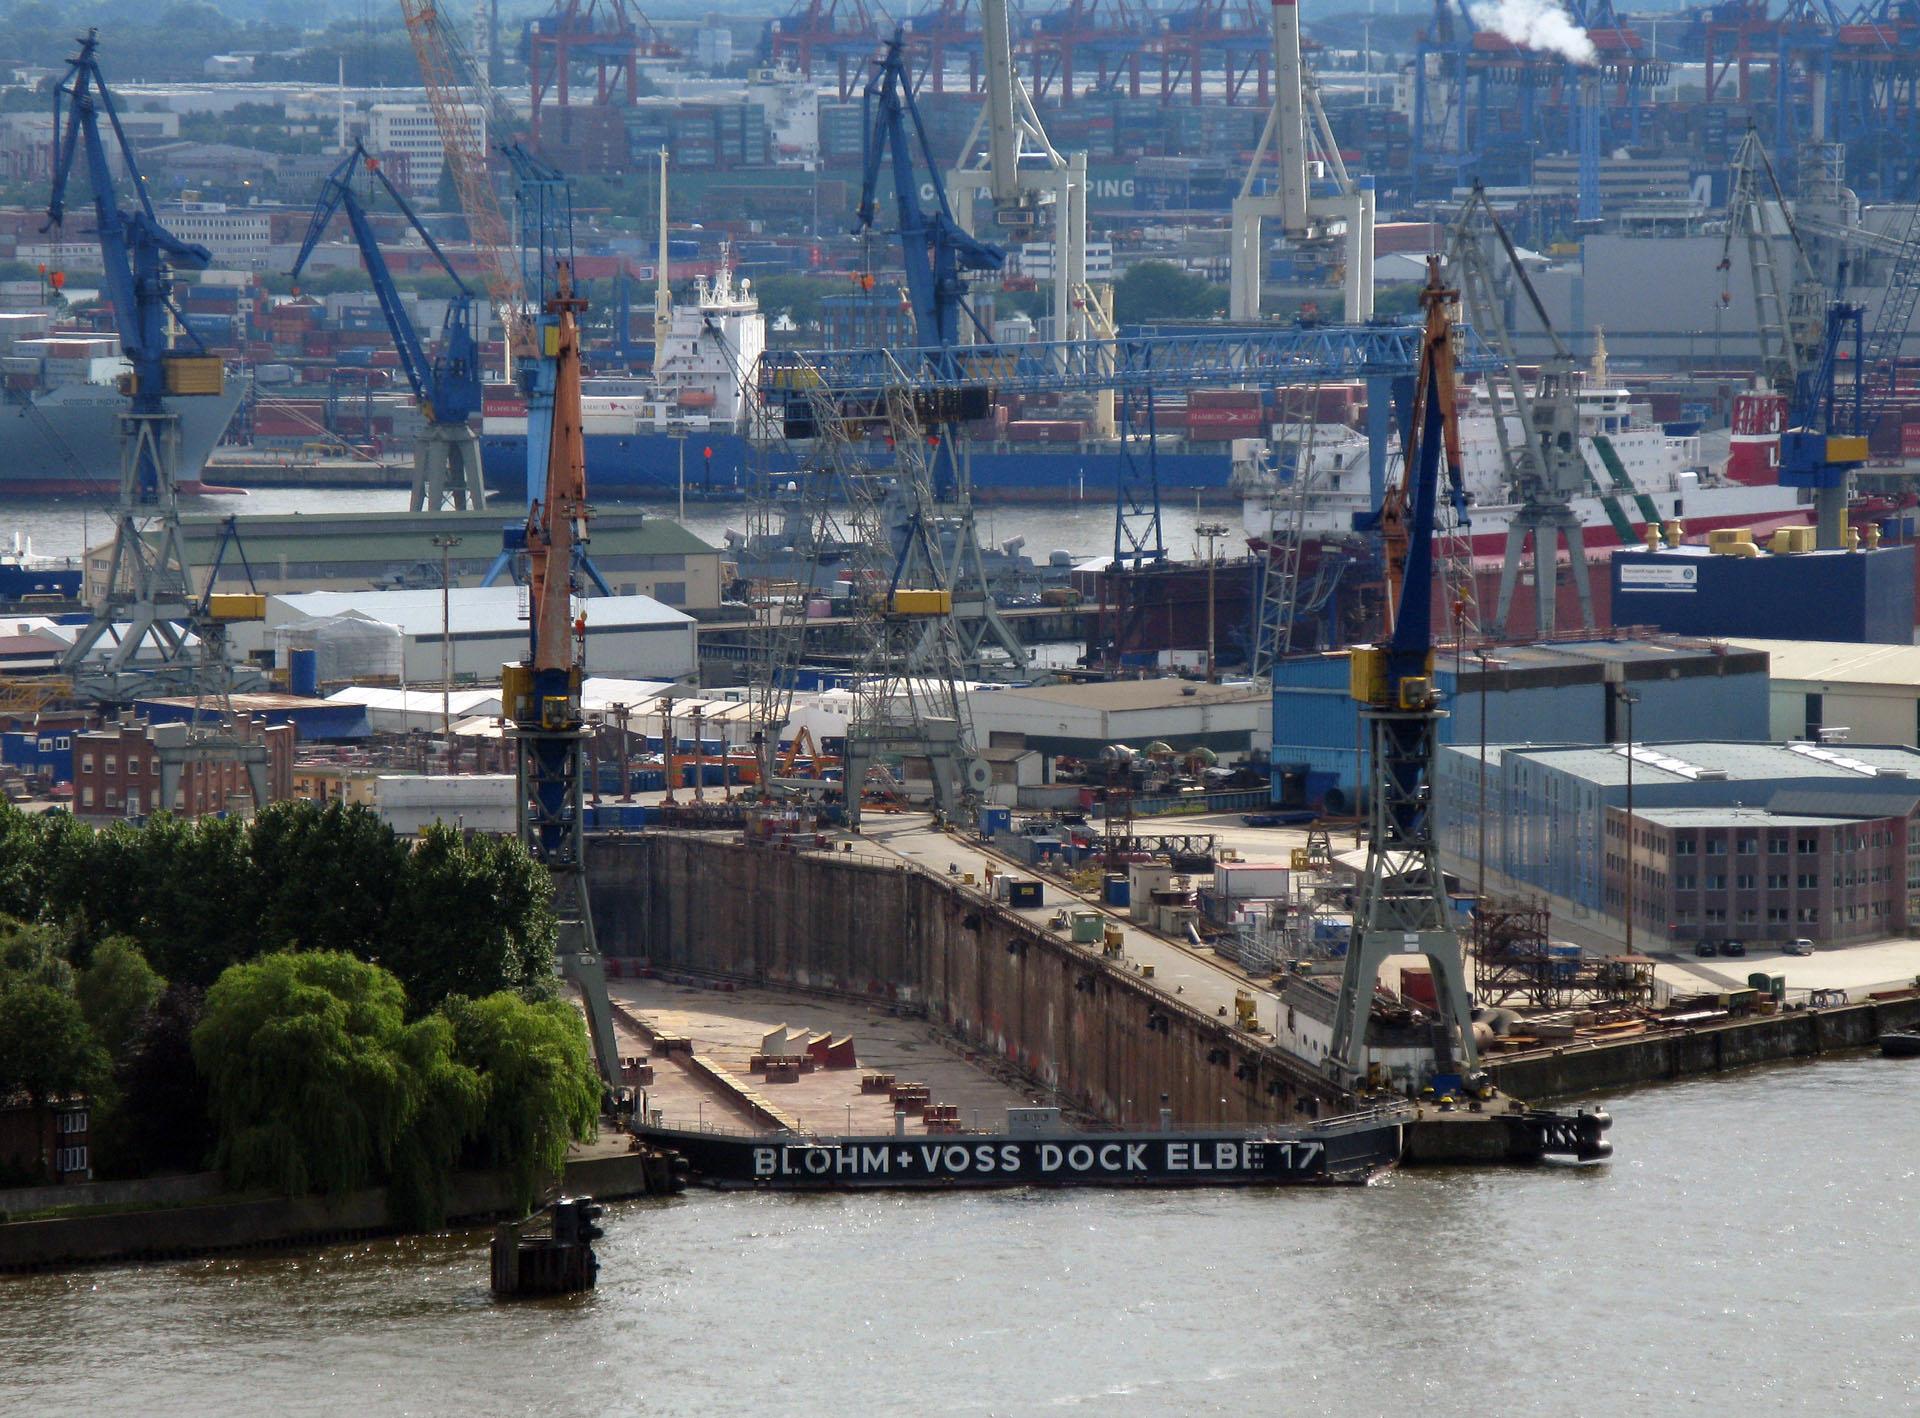 File:Leerstehendes Trockendock Elbe 17.jpg - Wikimedia Commons